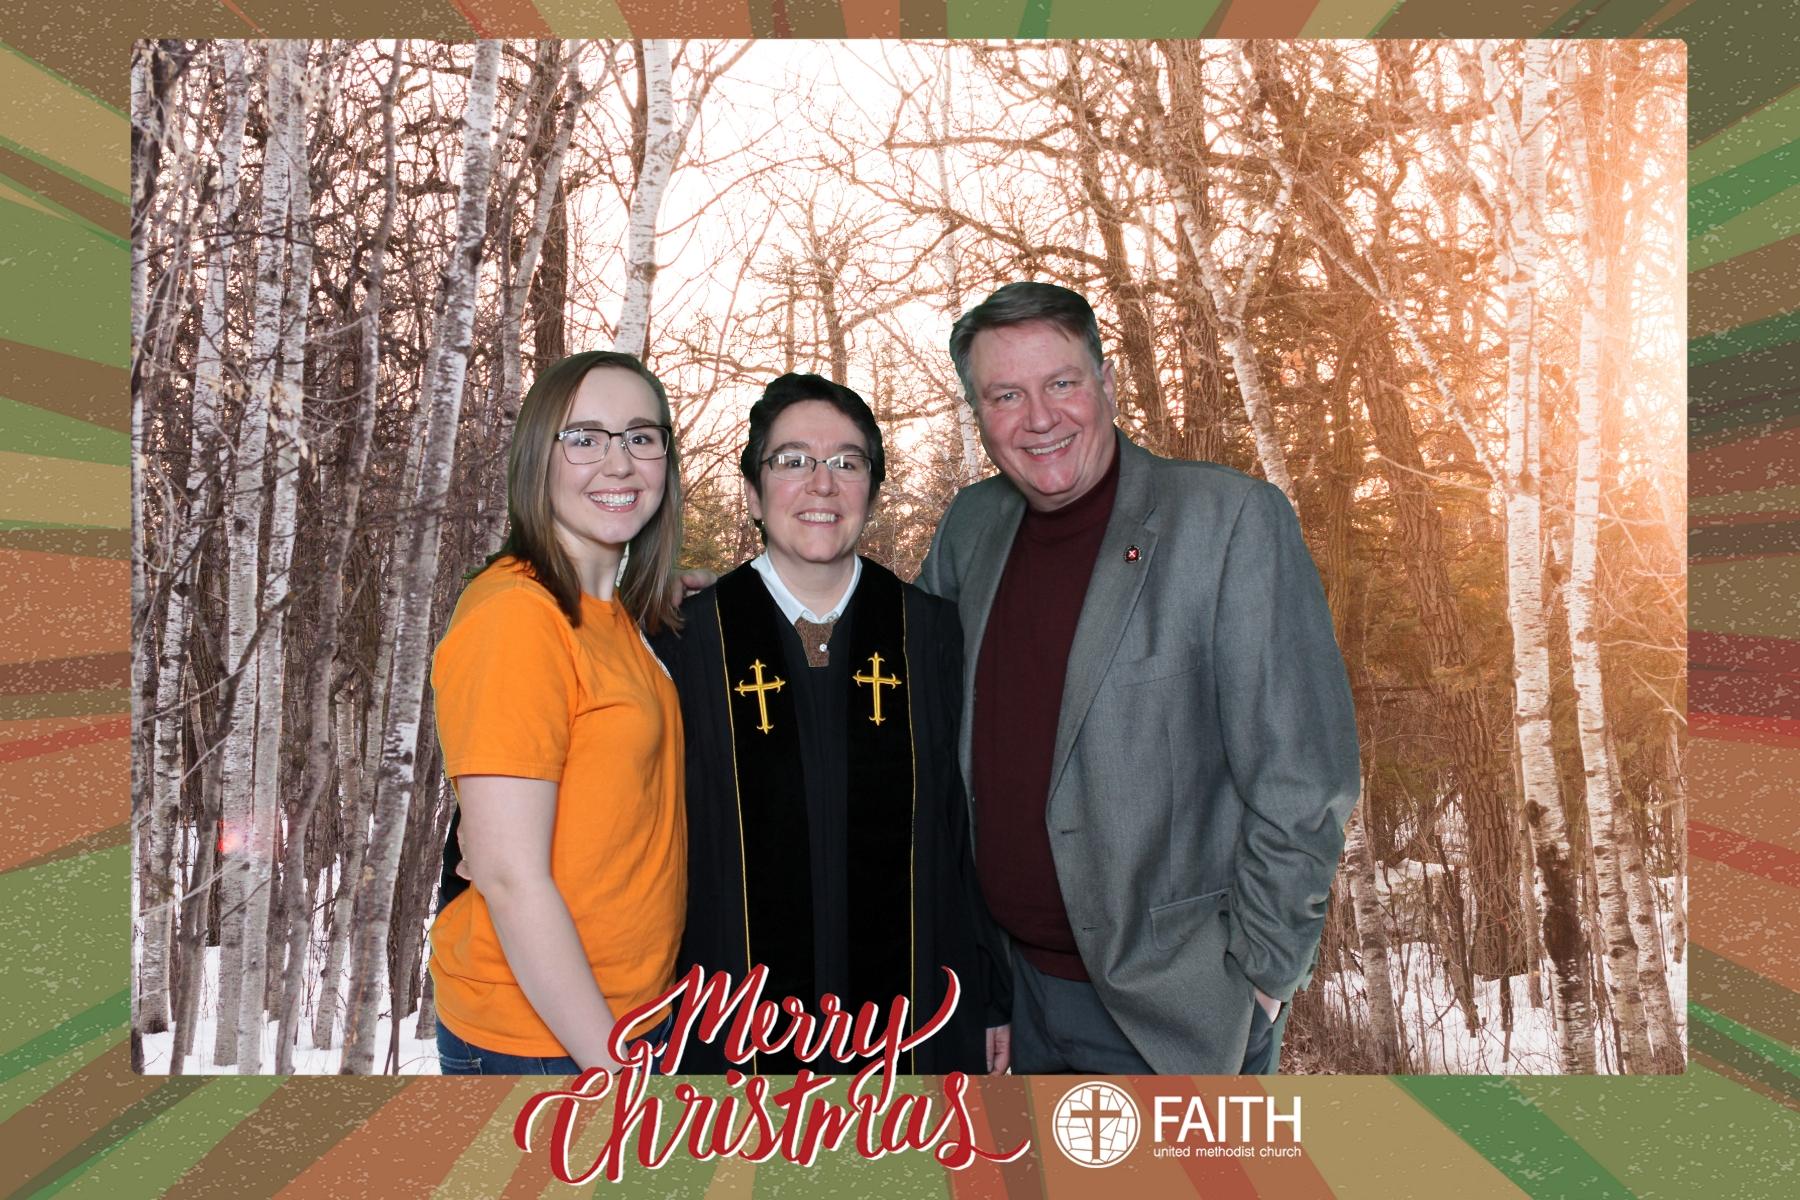 Faith2018_2018-12-24_19-04-03.jpg